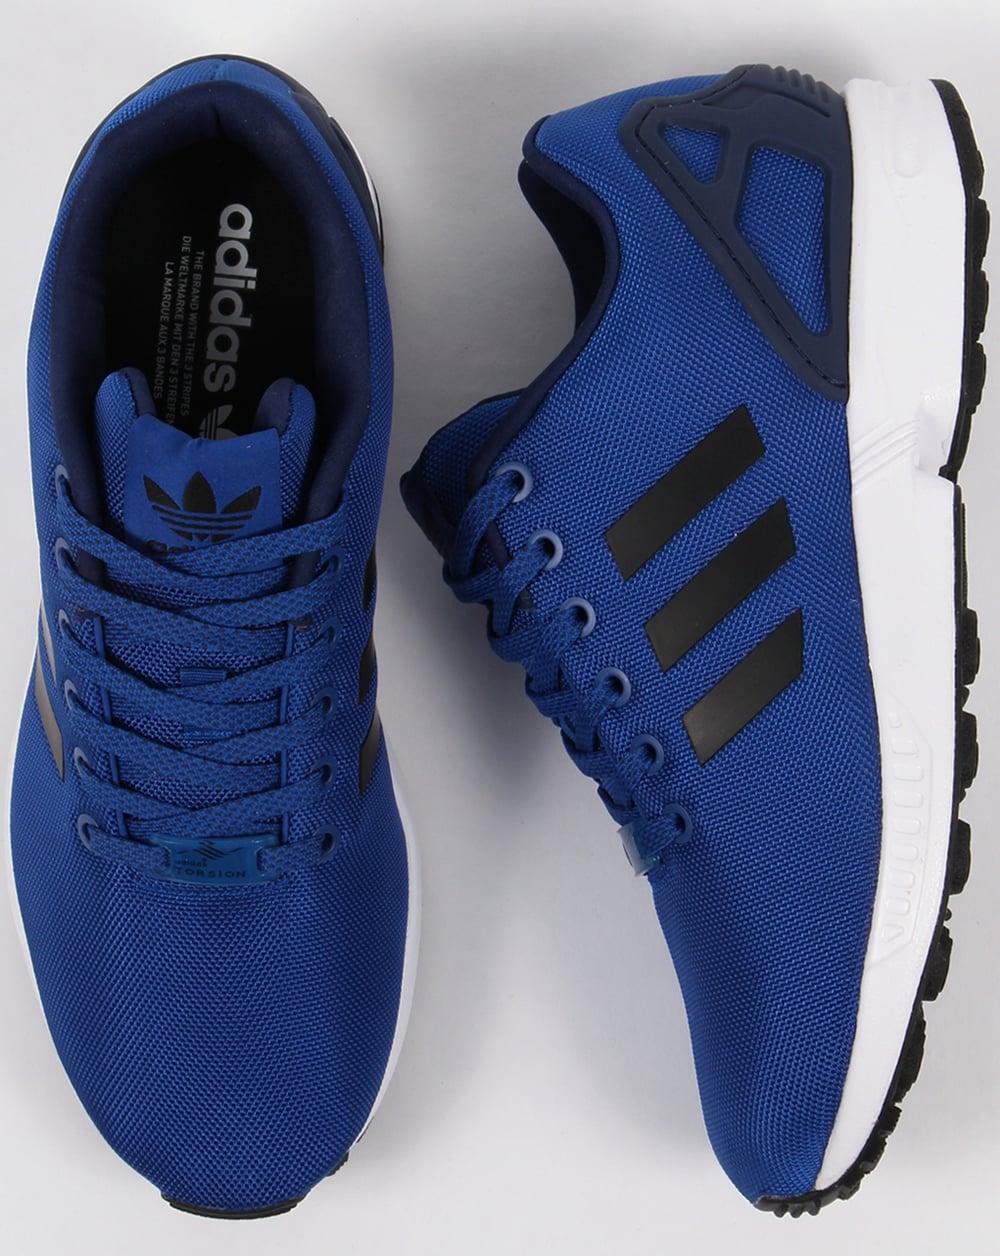 13e545680323 Adidas Zx Blue wallbank-lfc.co.uk